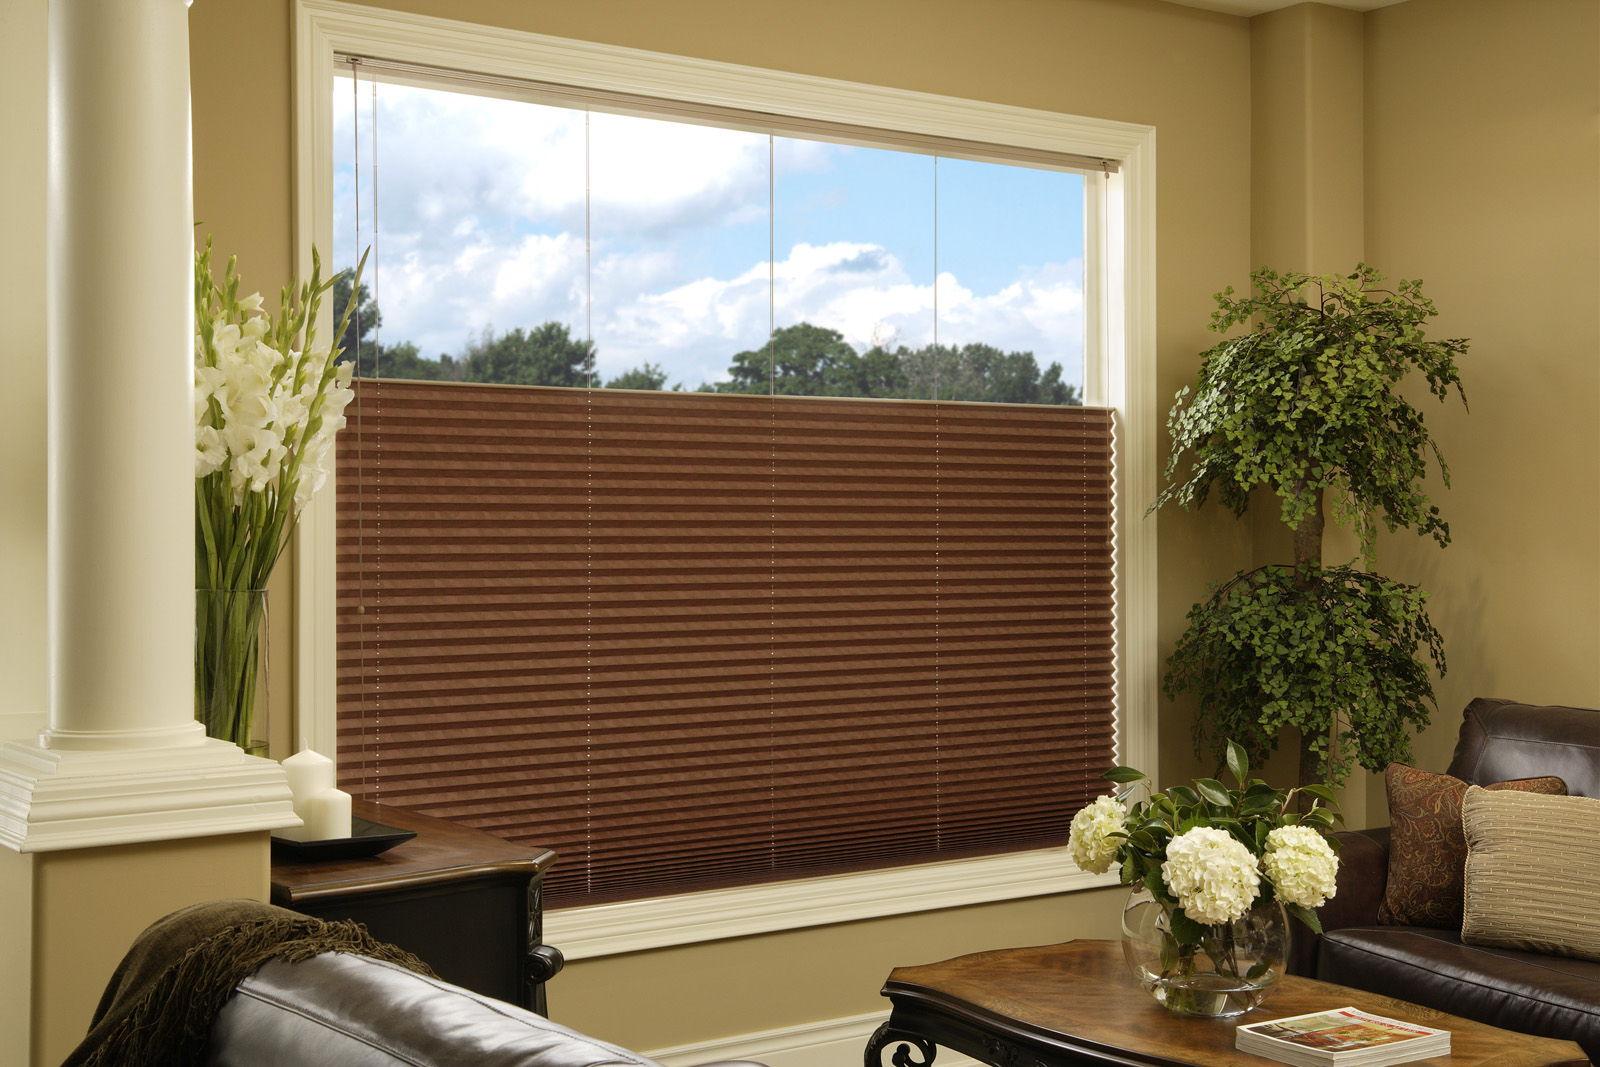 Чтобы поддерживать одну температуру в комнате, выбирайте шторы с теплоотталкивающим эффектом